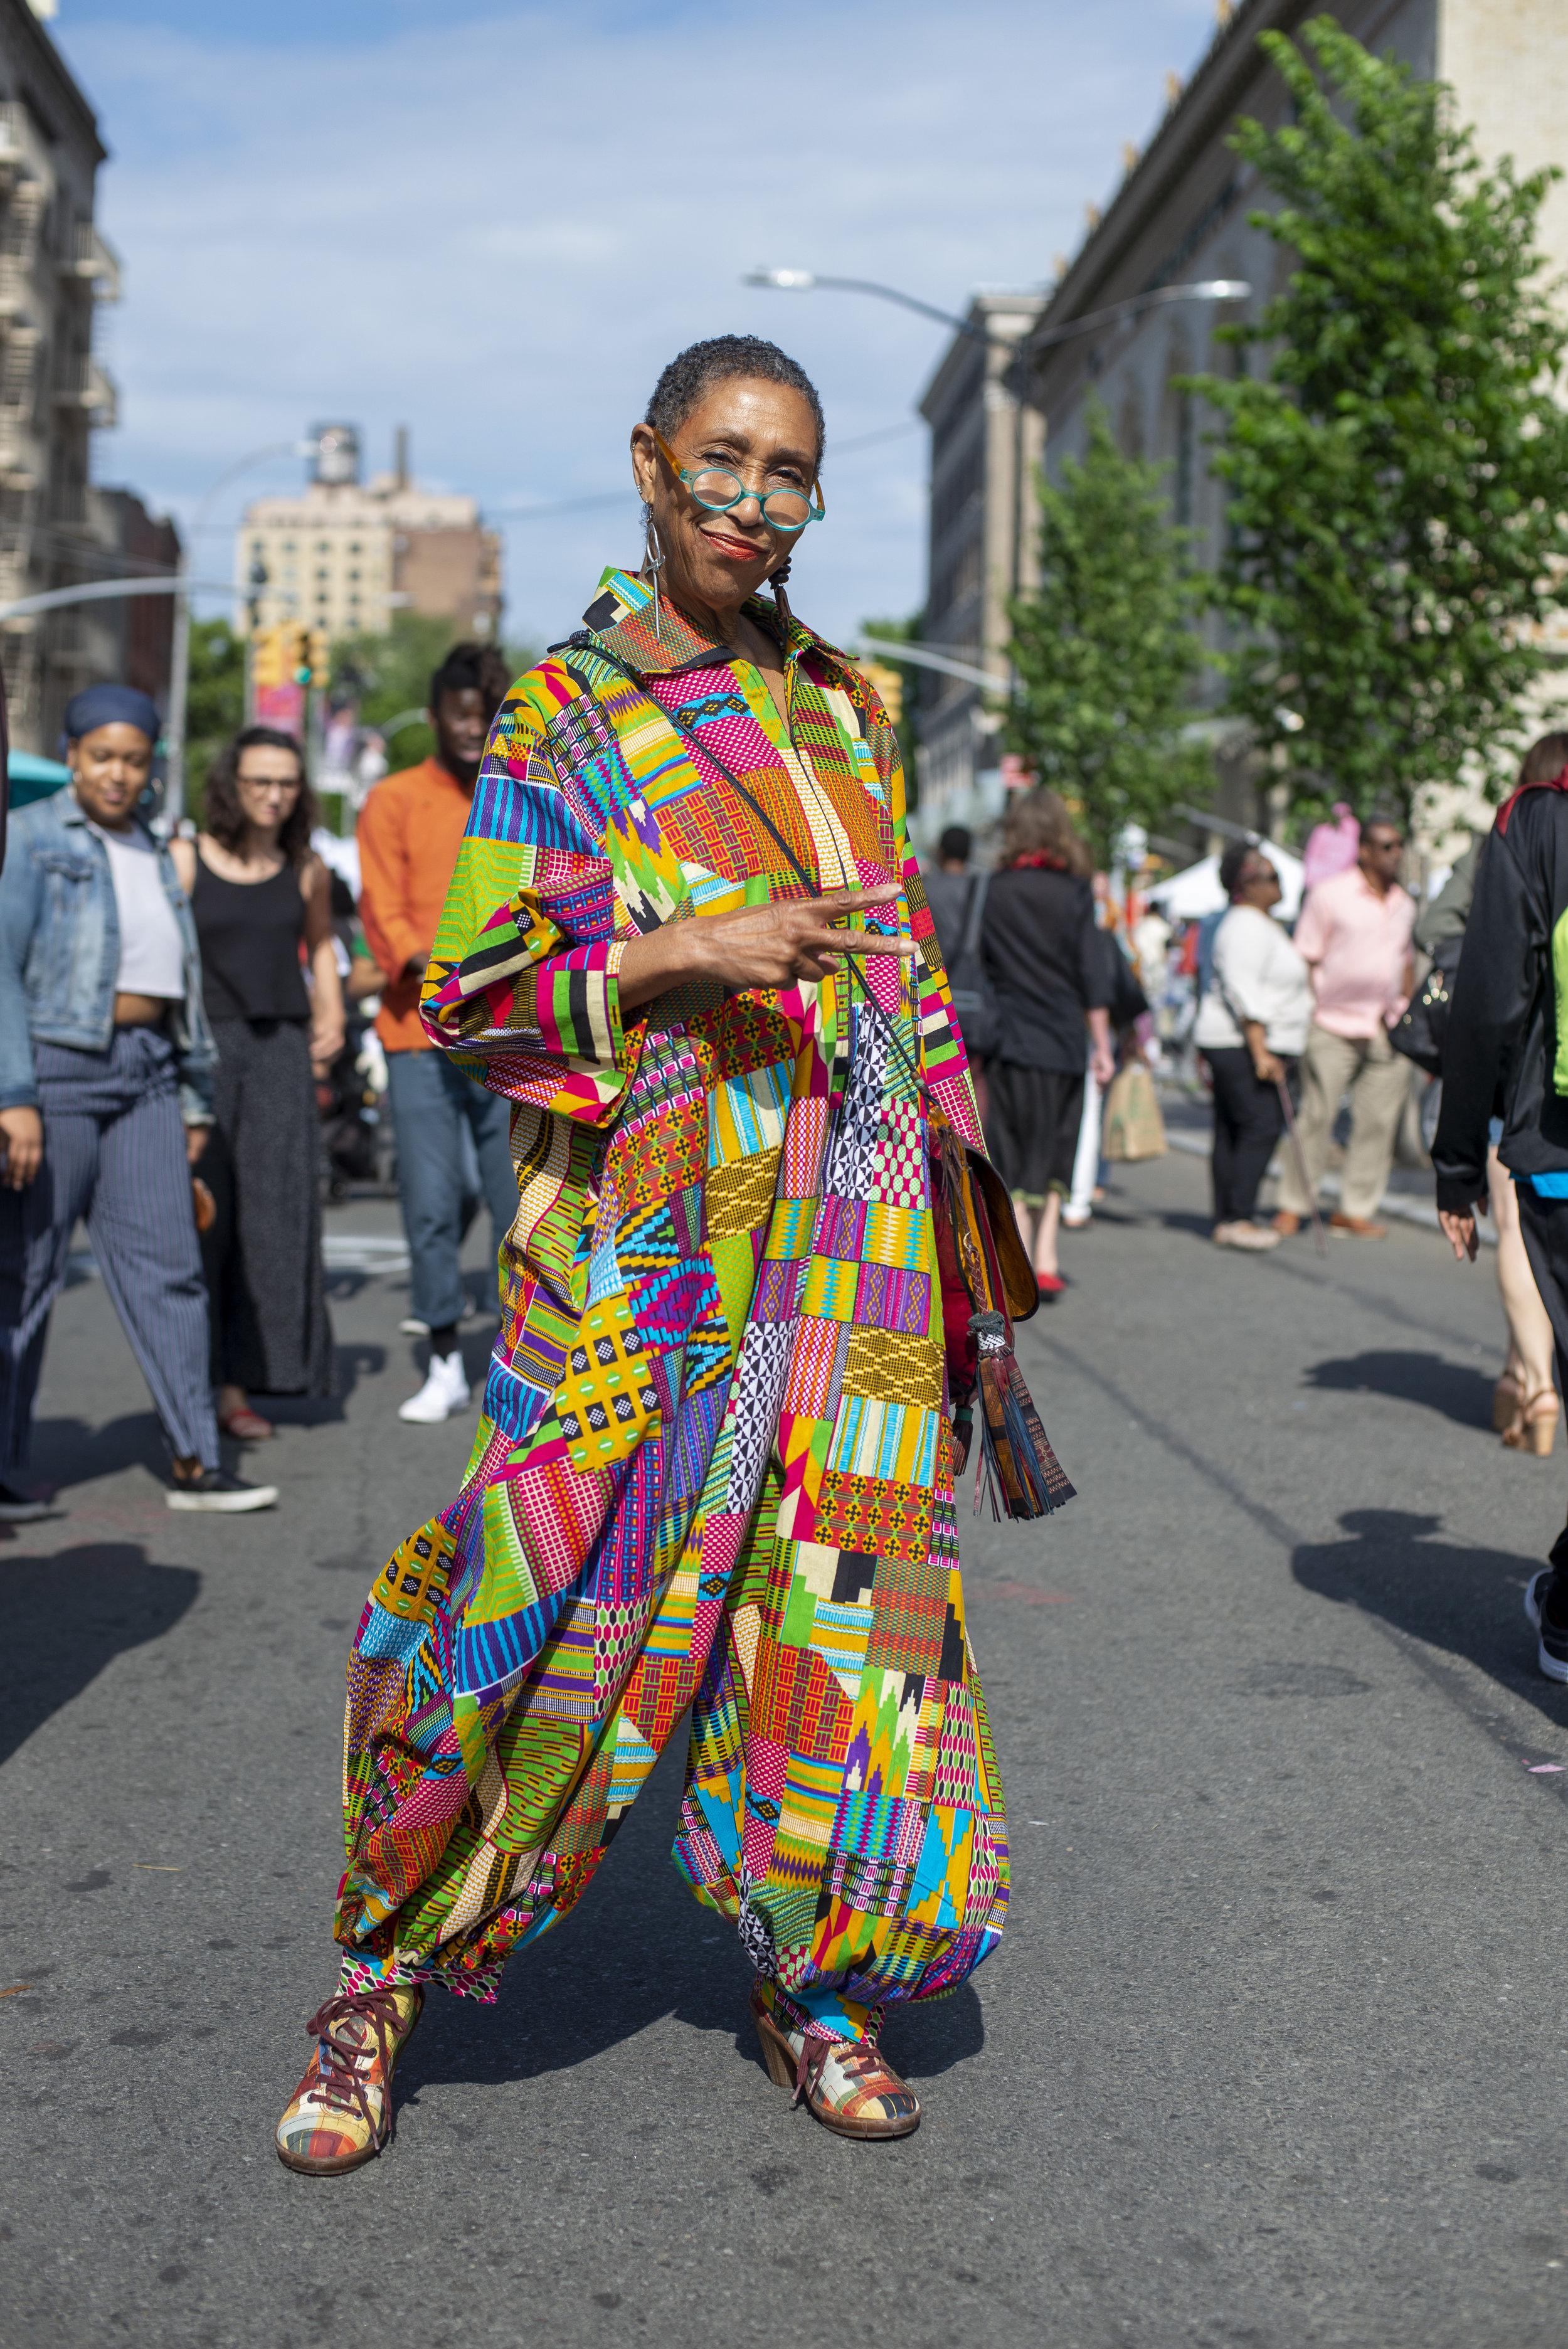 DanceAfrica2019_42.jpg